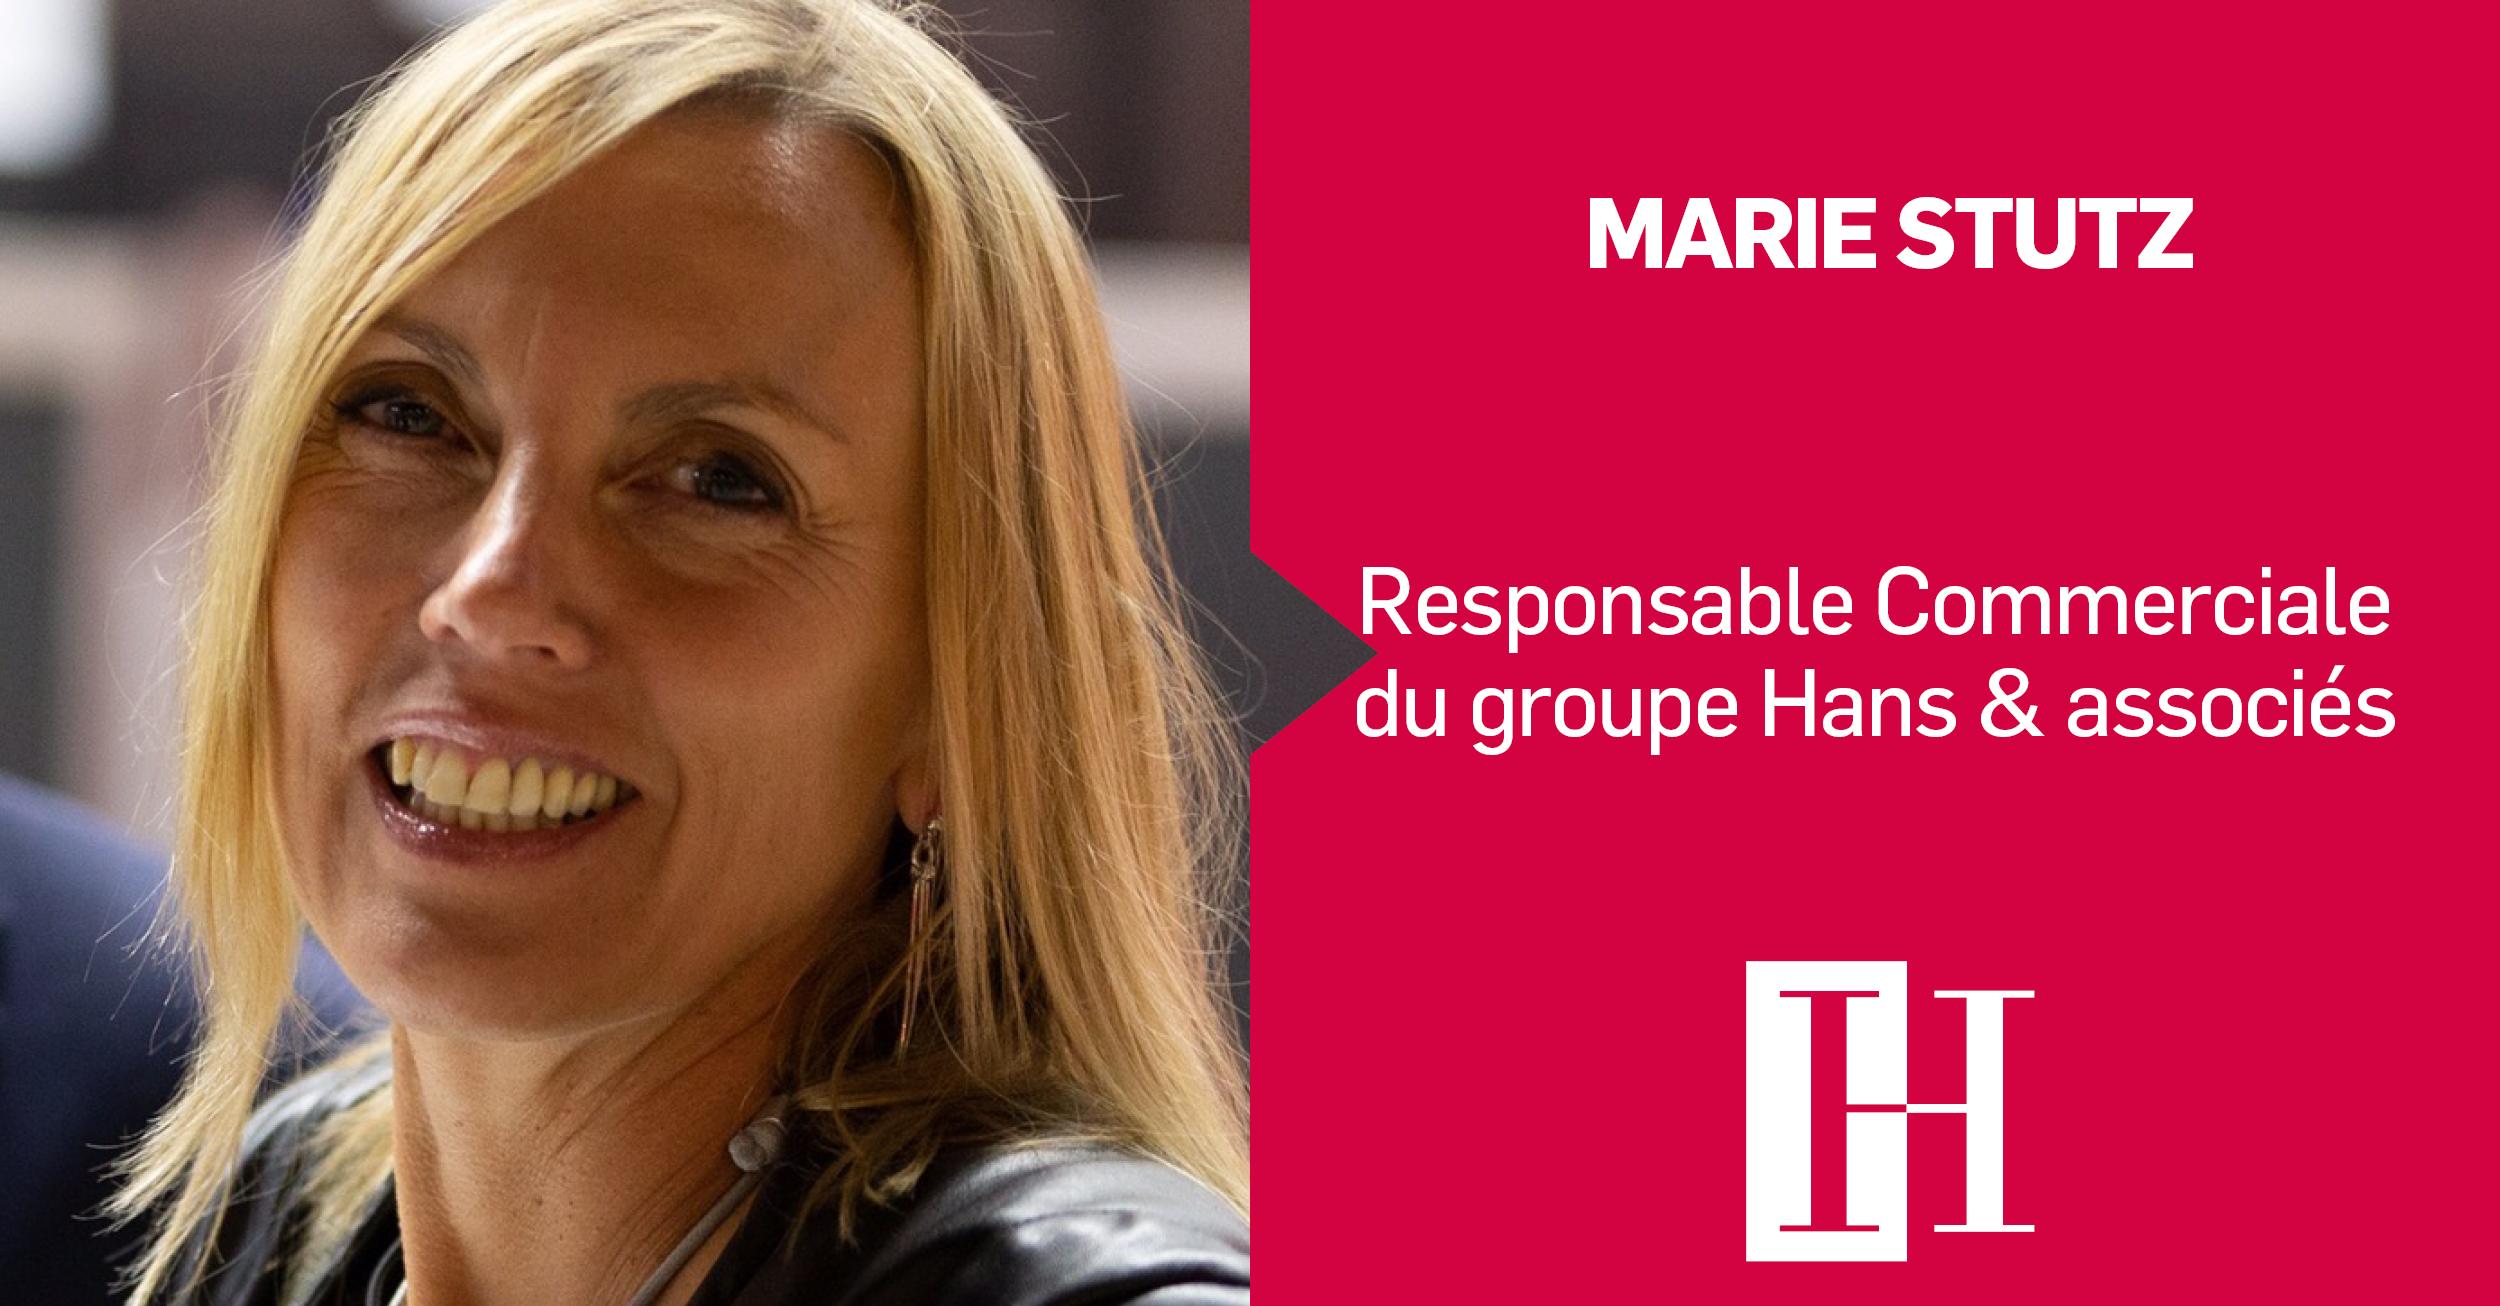 Marie Stutz responsable commerciale du groupe Hans & associés